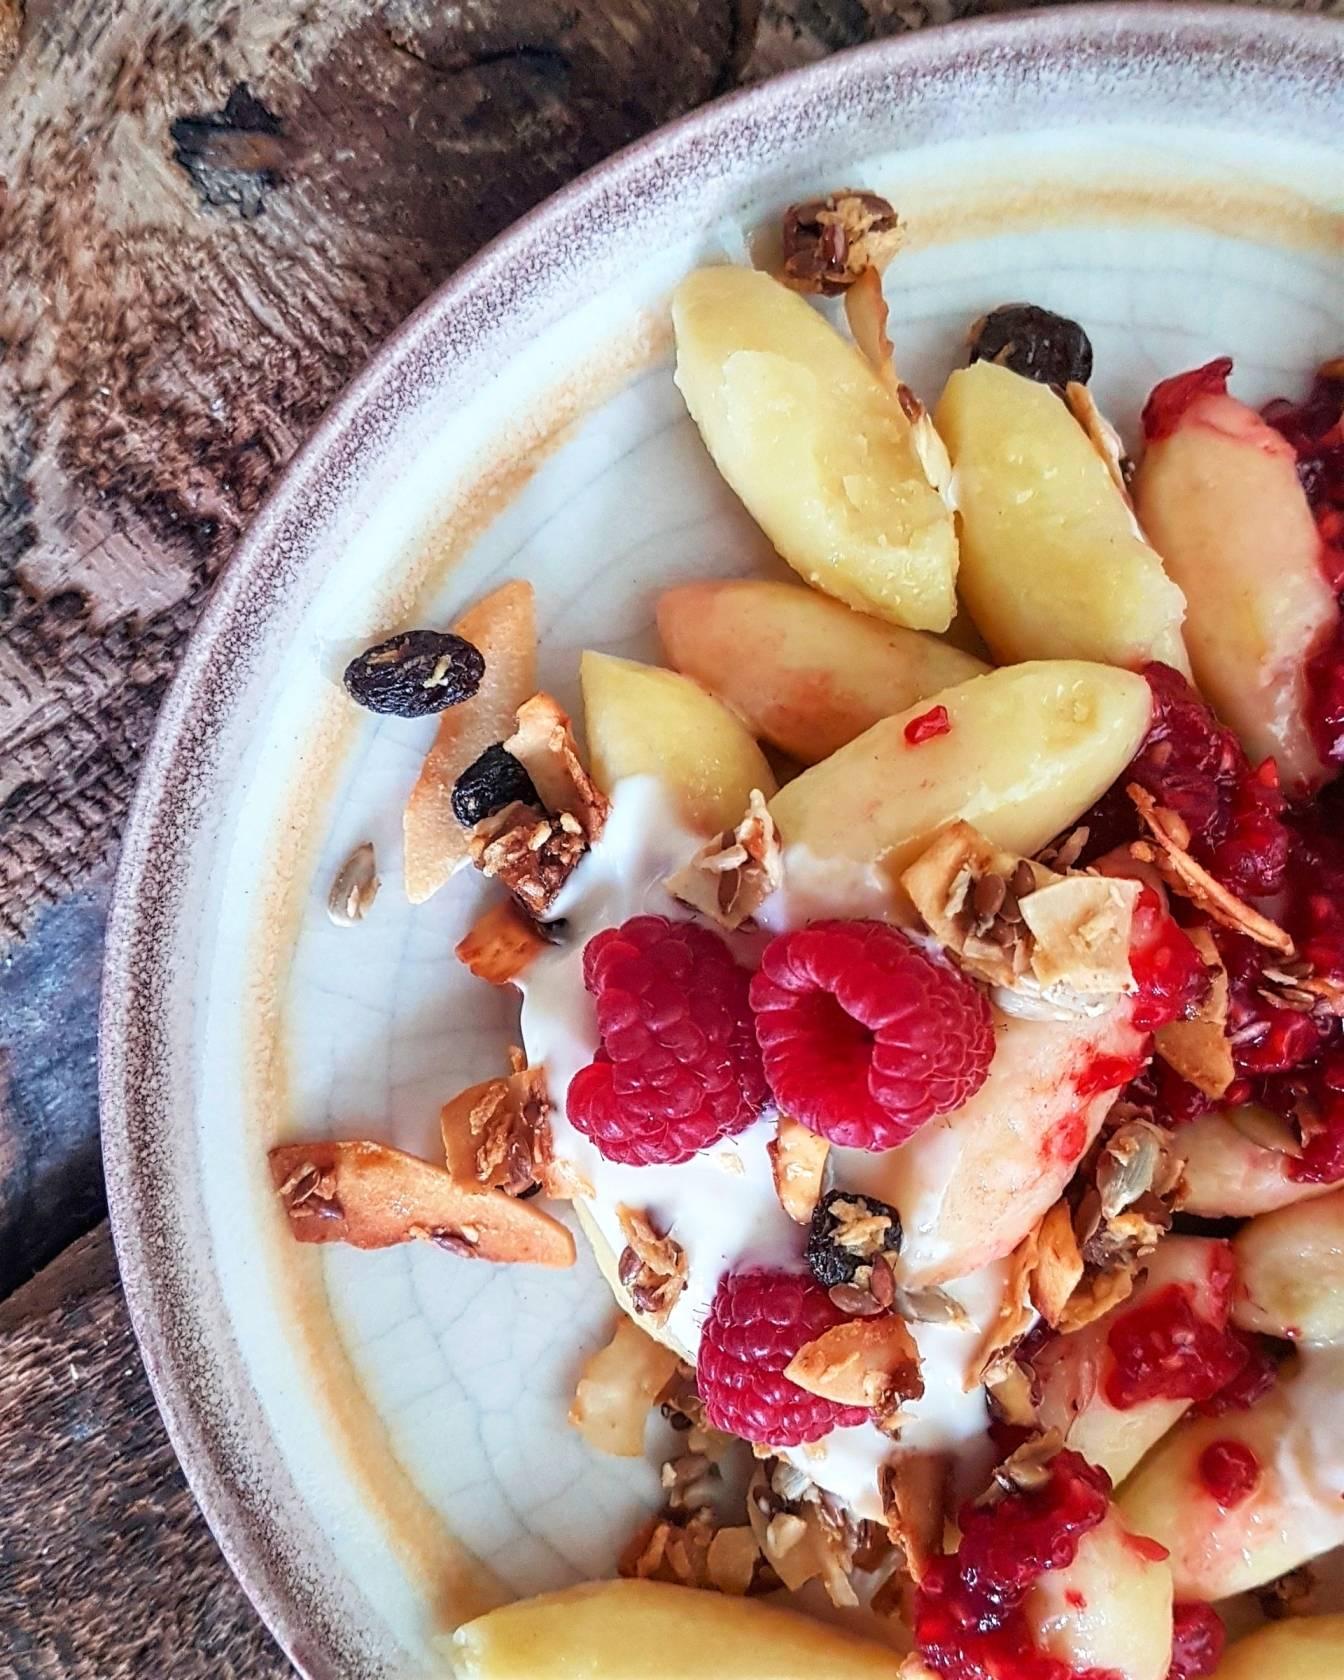 Śniadaniowe kopytka z serkiem kokosowym, malinami i granolą - przepisy Agnieszki Żelazko.